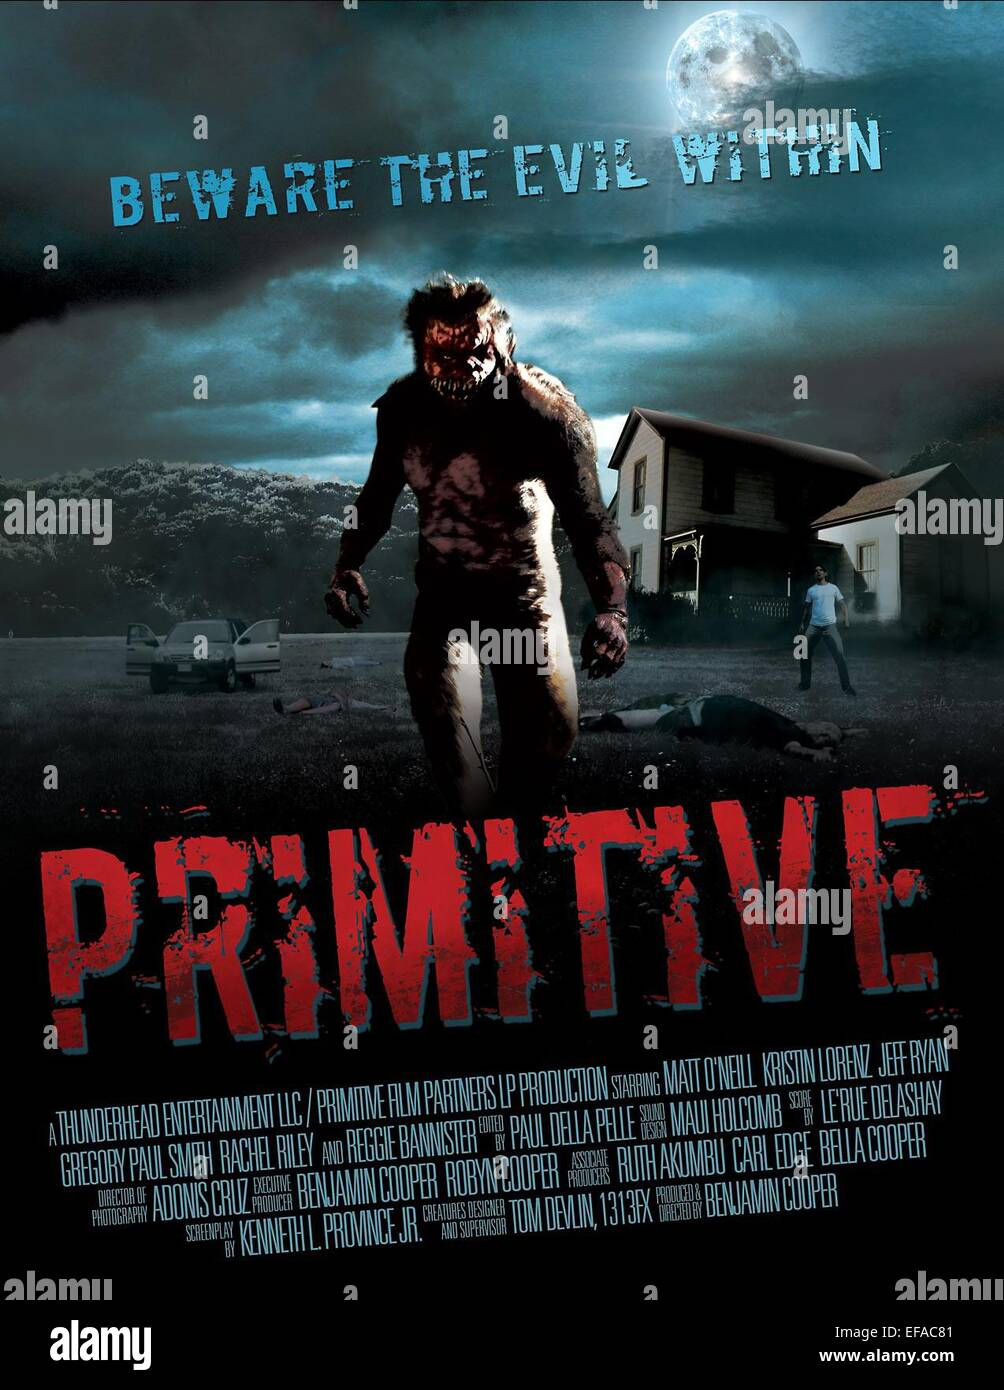 Póster de película primitiva (2011). Foto de stock